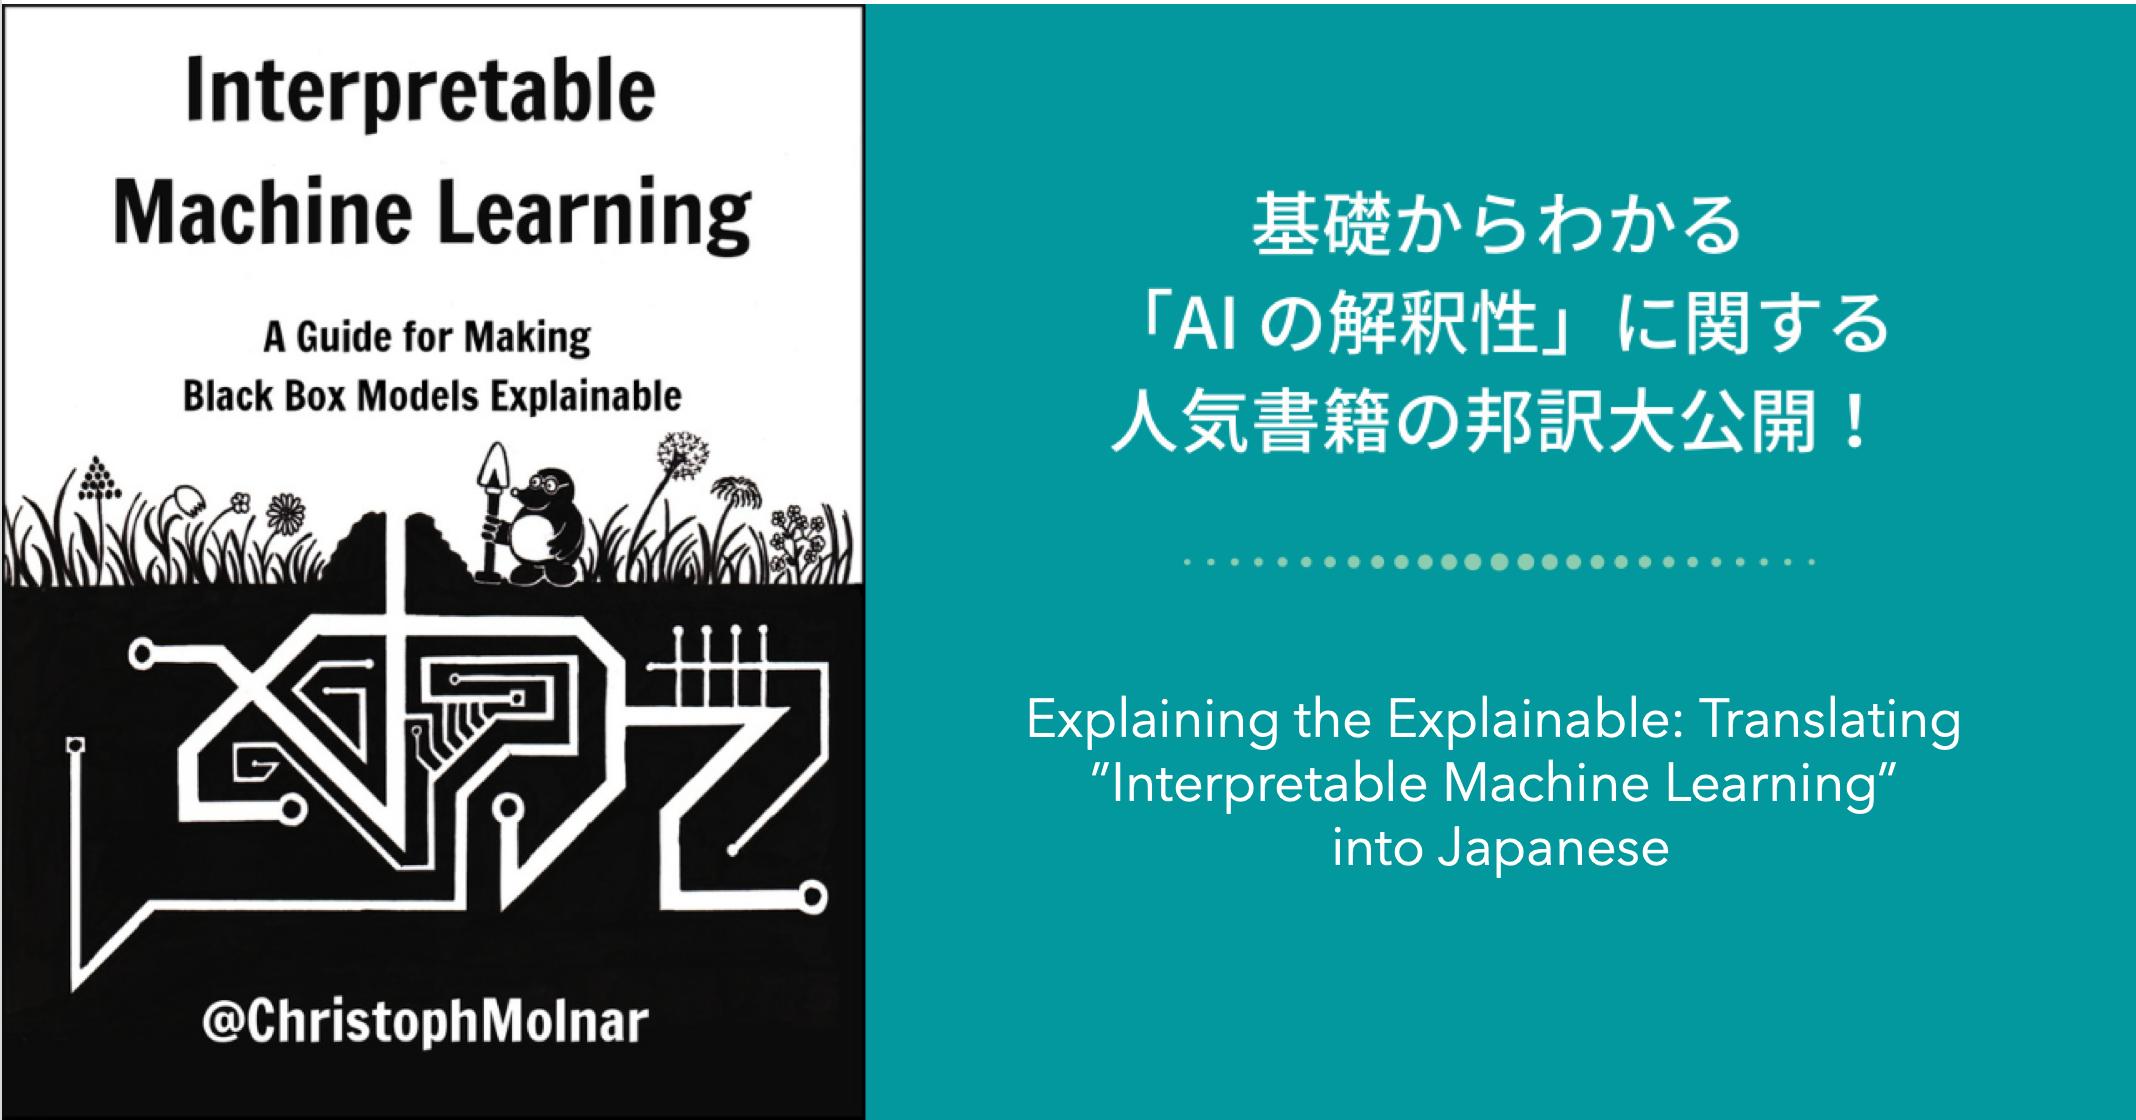 基礎からわかる「AI の解釈性」に関する人気書籍の邦訳大公開!